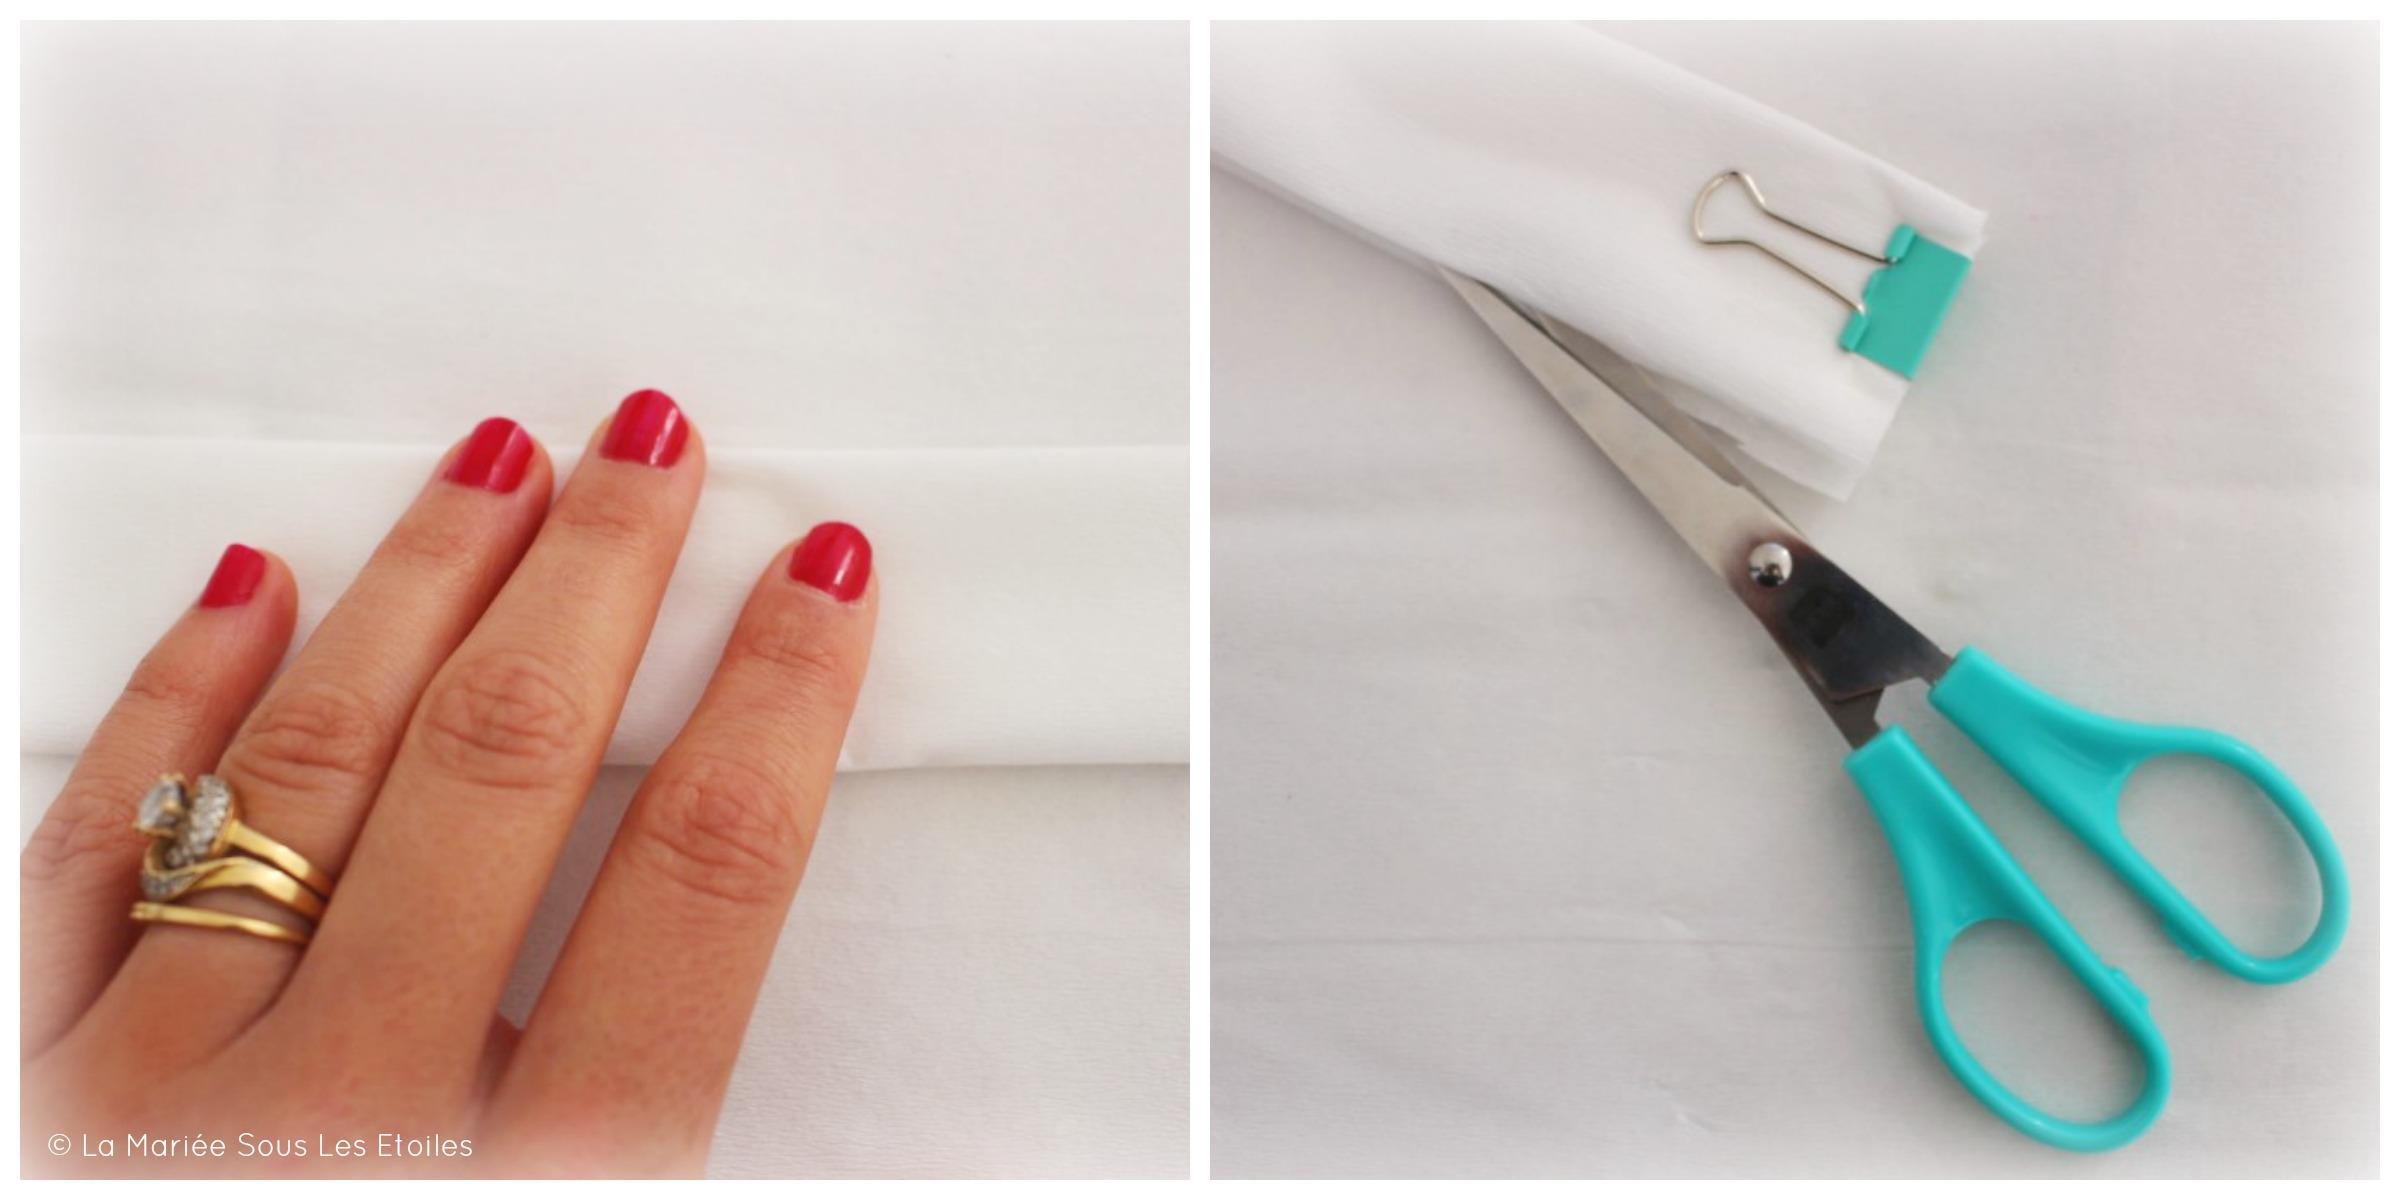 {DIY} Réaliser une guirlande de tassels | Etape 2| Tuto Décoration Mariage présenté par La Mariée Sous Les Etoiles